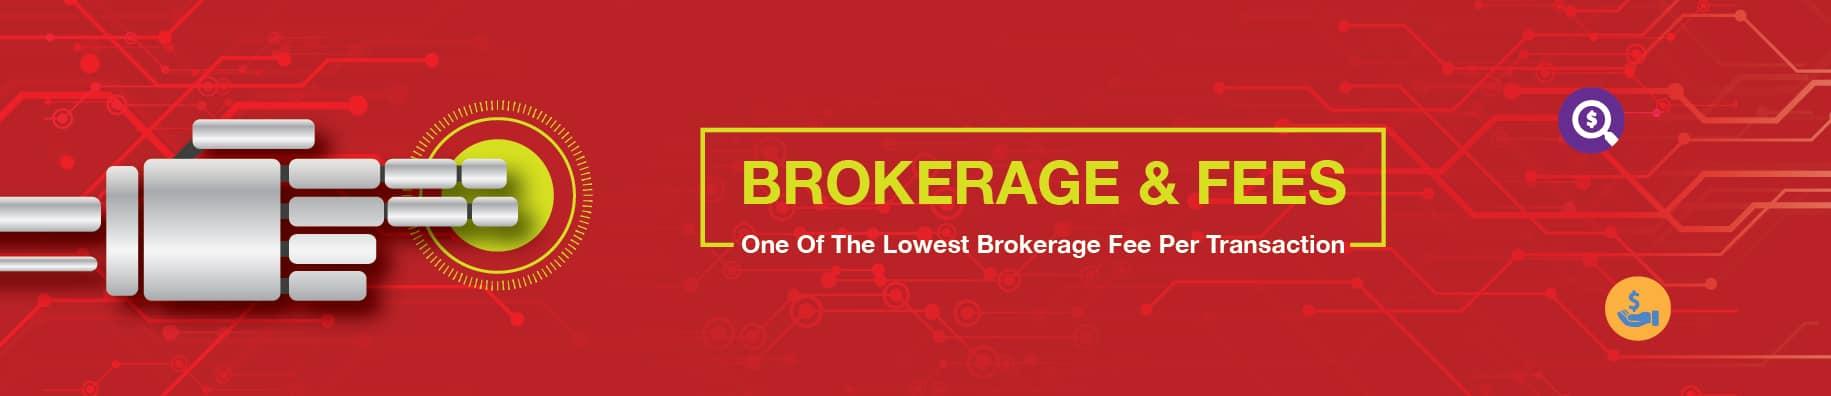 Kenanga broker fee